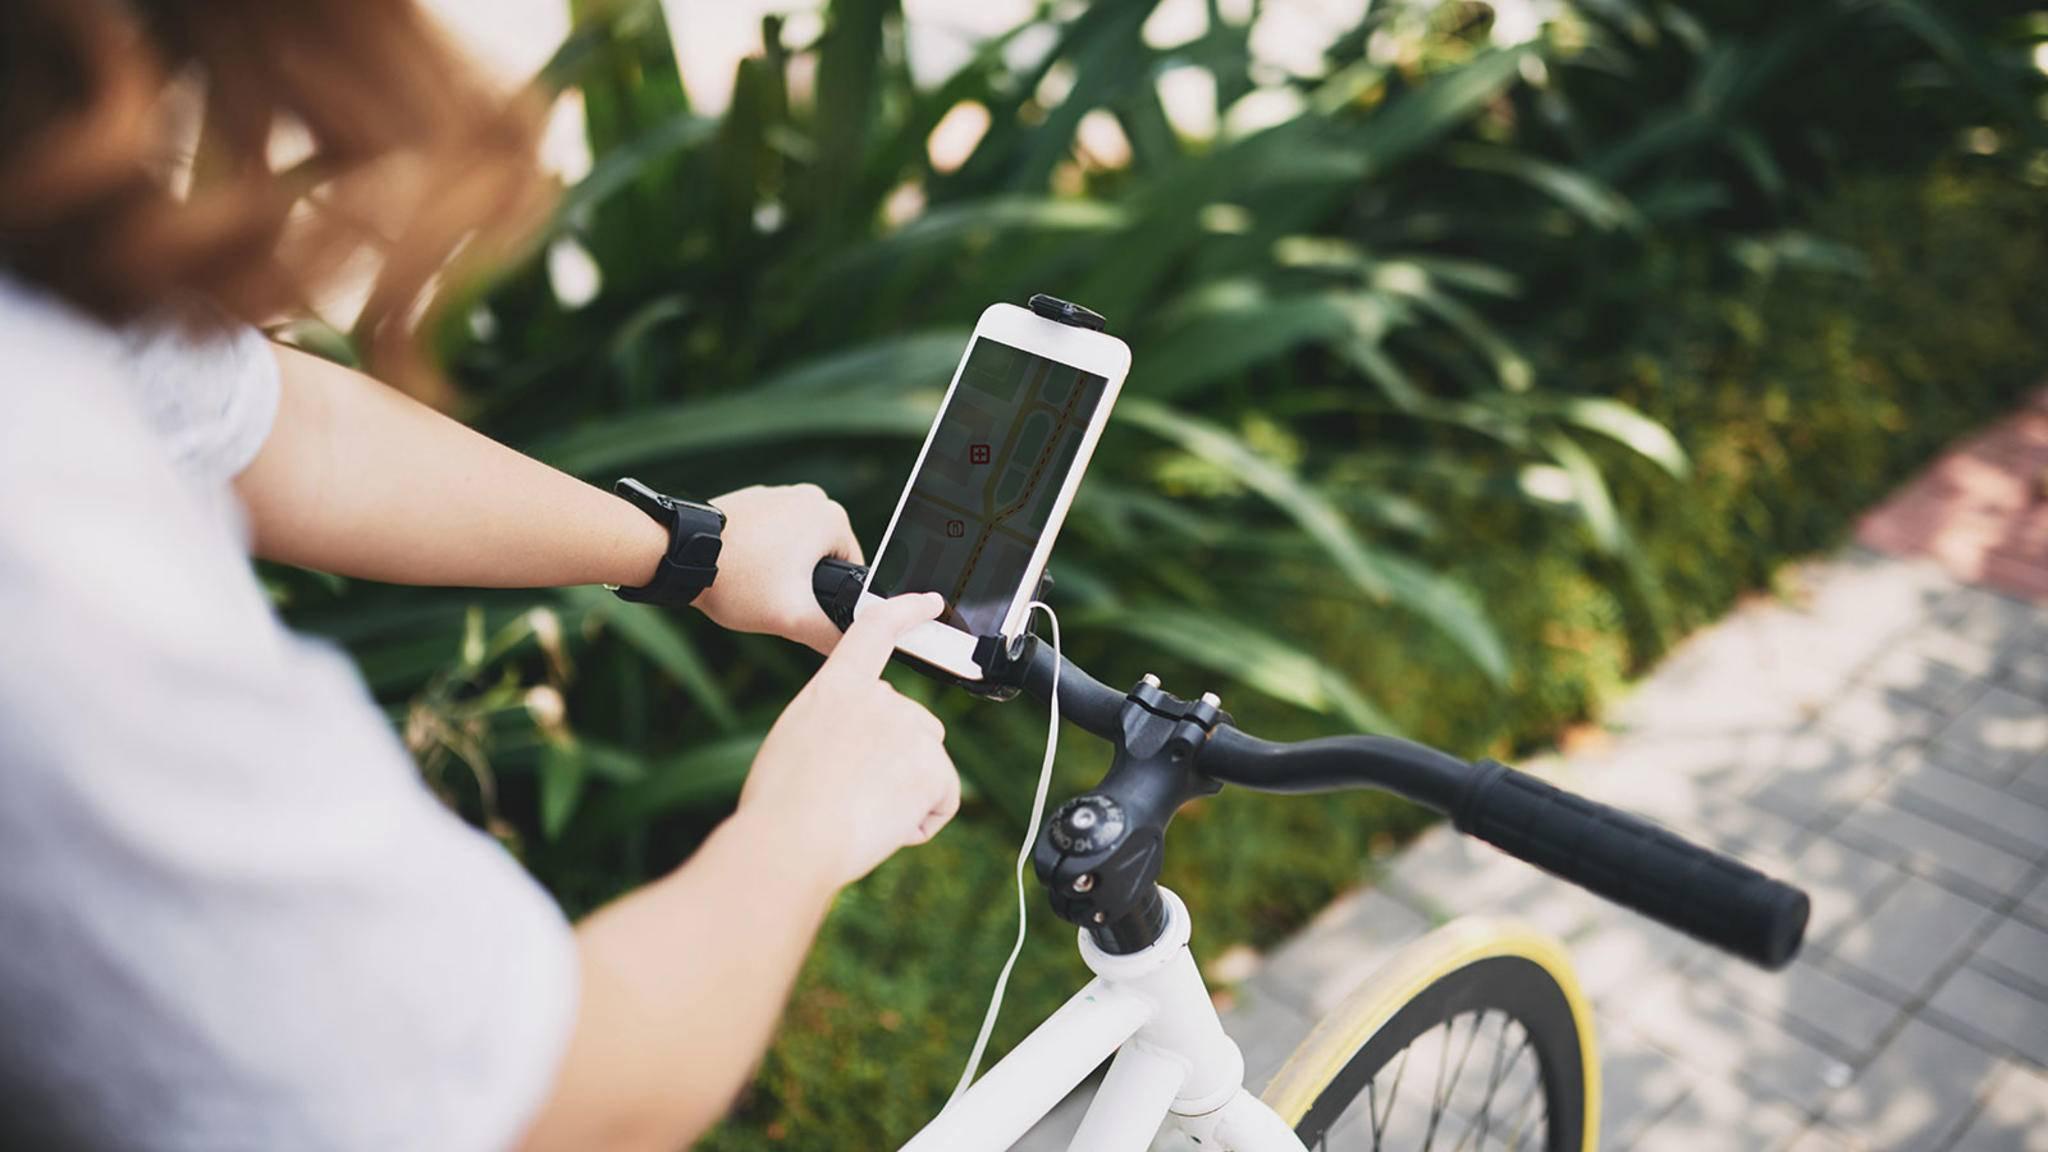 Fahrrad-Navigation per Smartphone